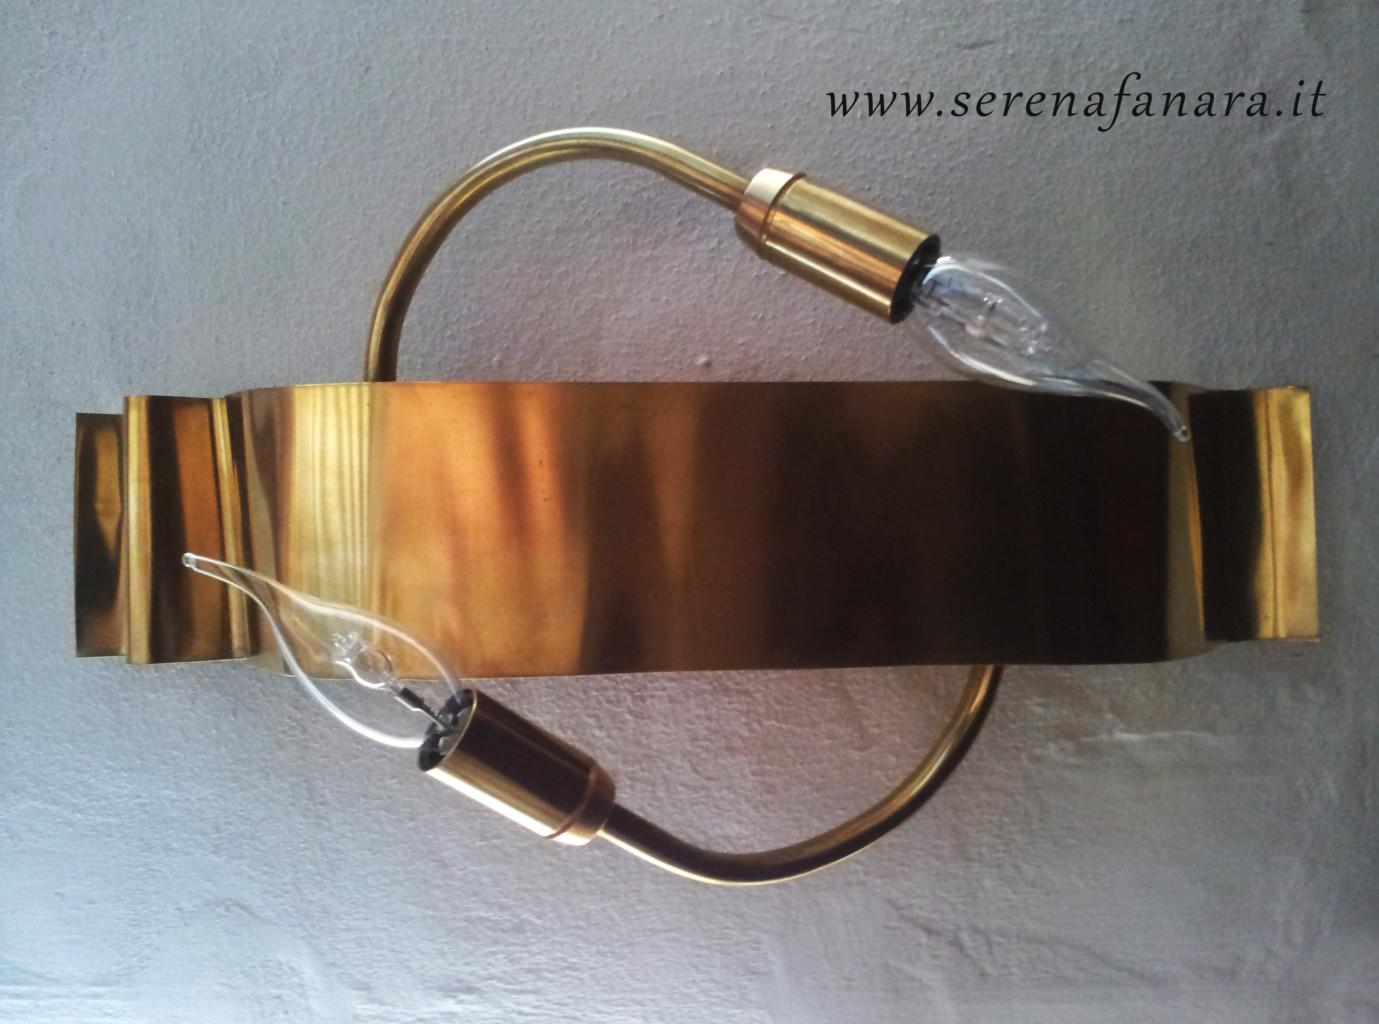 La linea di lampade Ottone in uno storico appartamento a Firenze - SerenaFanara - Architect ...